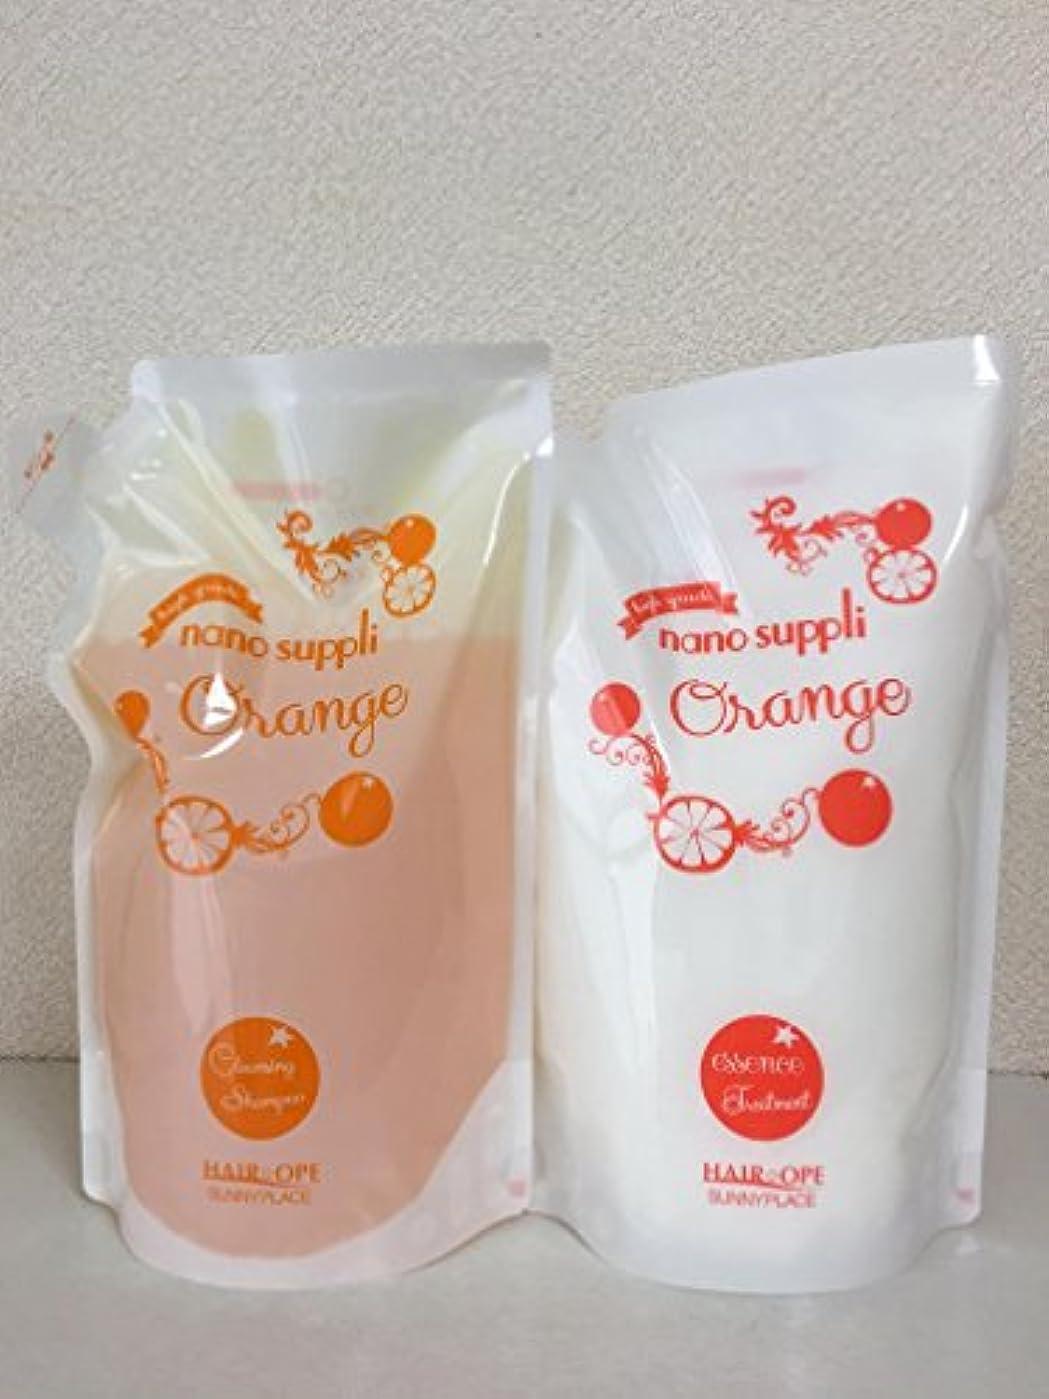 発見する閉じる乳白サニープレイス ナノサプリ クレンジングシャンプー&コンディショナー オレンジ 800ml詰替えセット